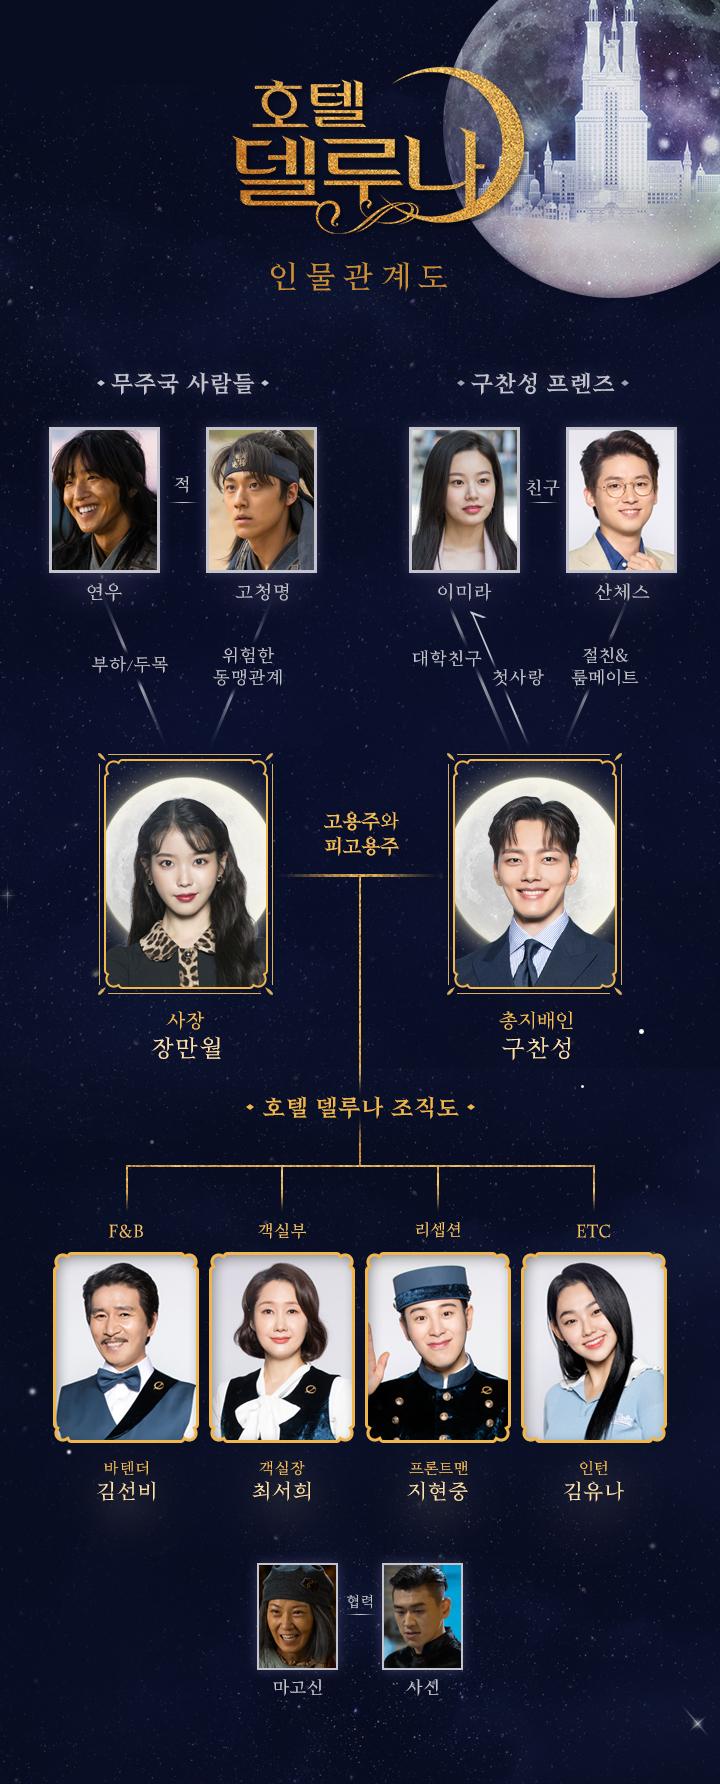 tvN'호텔 델루나' 홈페이지 인물관계도 사진캡처